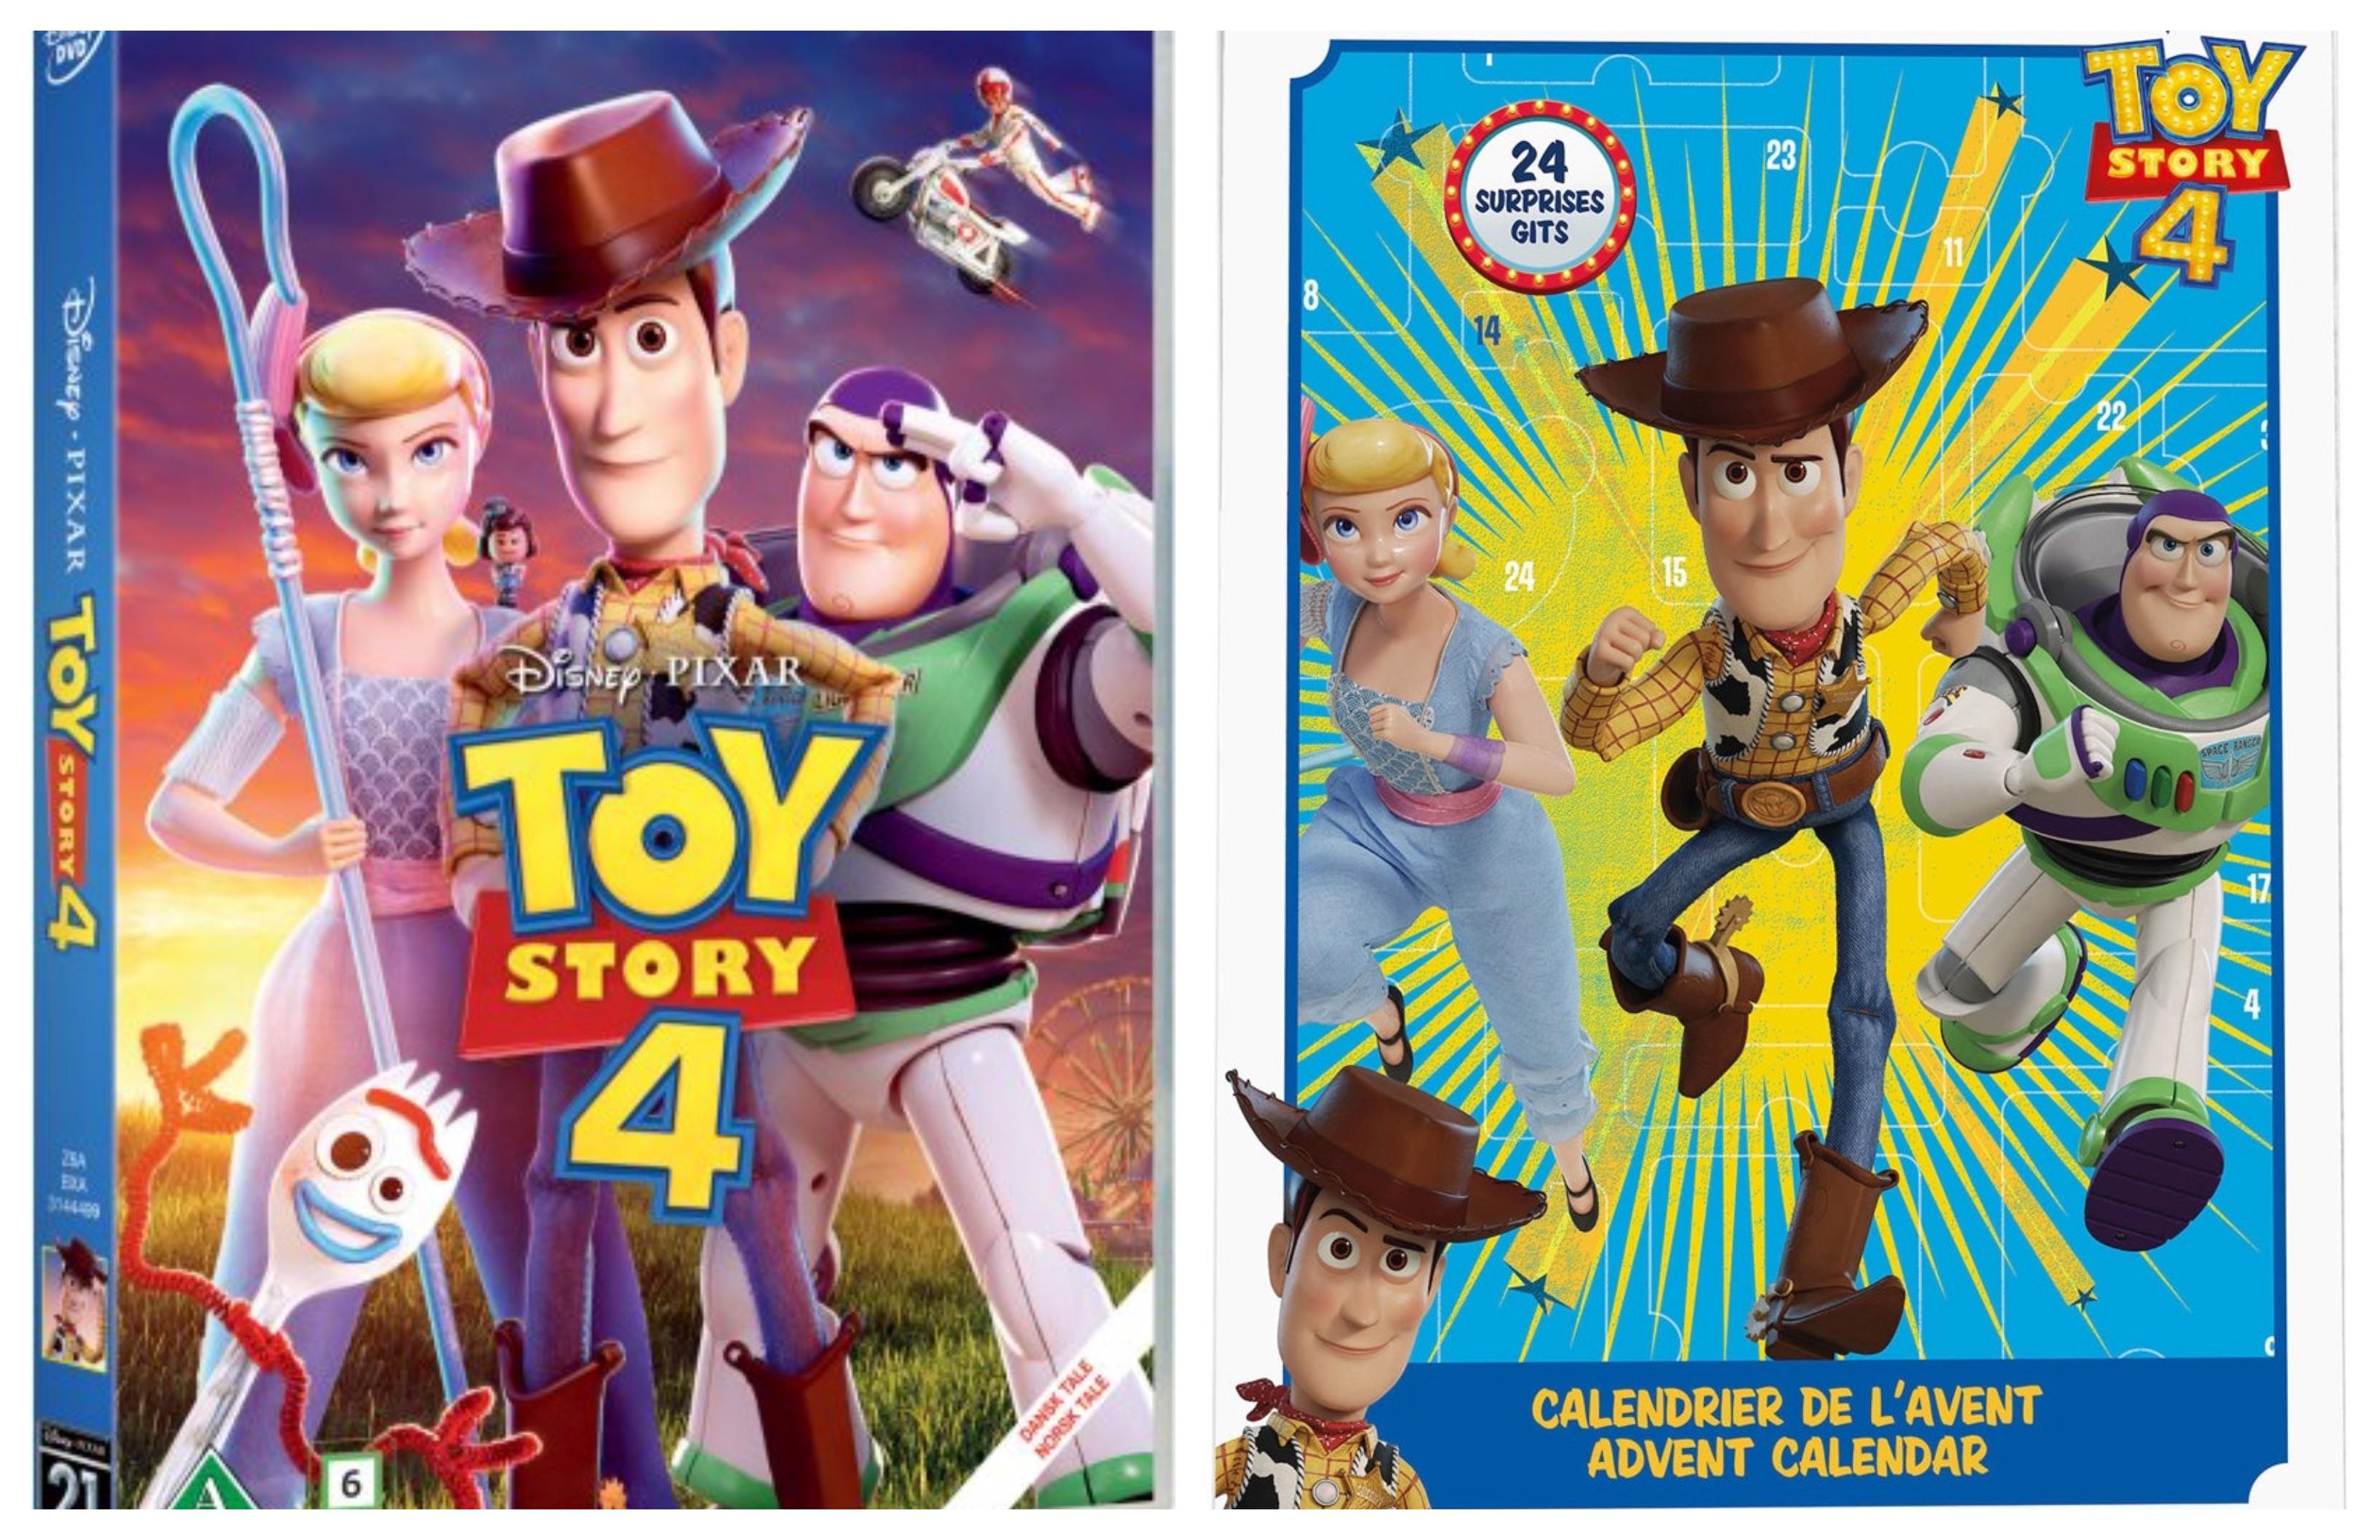 toy story 4 julekalender, toy story 4 pakkekalender, toy story 4 adventskalender, toy story 4 film, toy story 4 gaver, disney pixar julekalender, disney julekalender 2019, disney pakkekalender 2019,